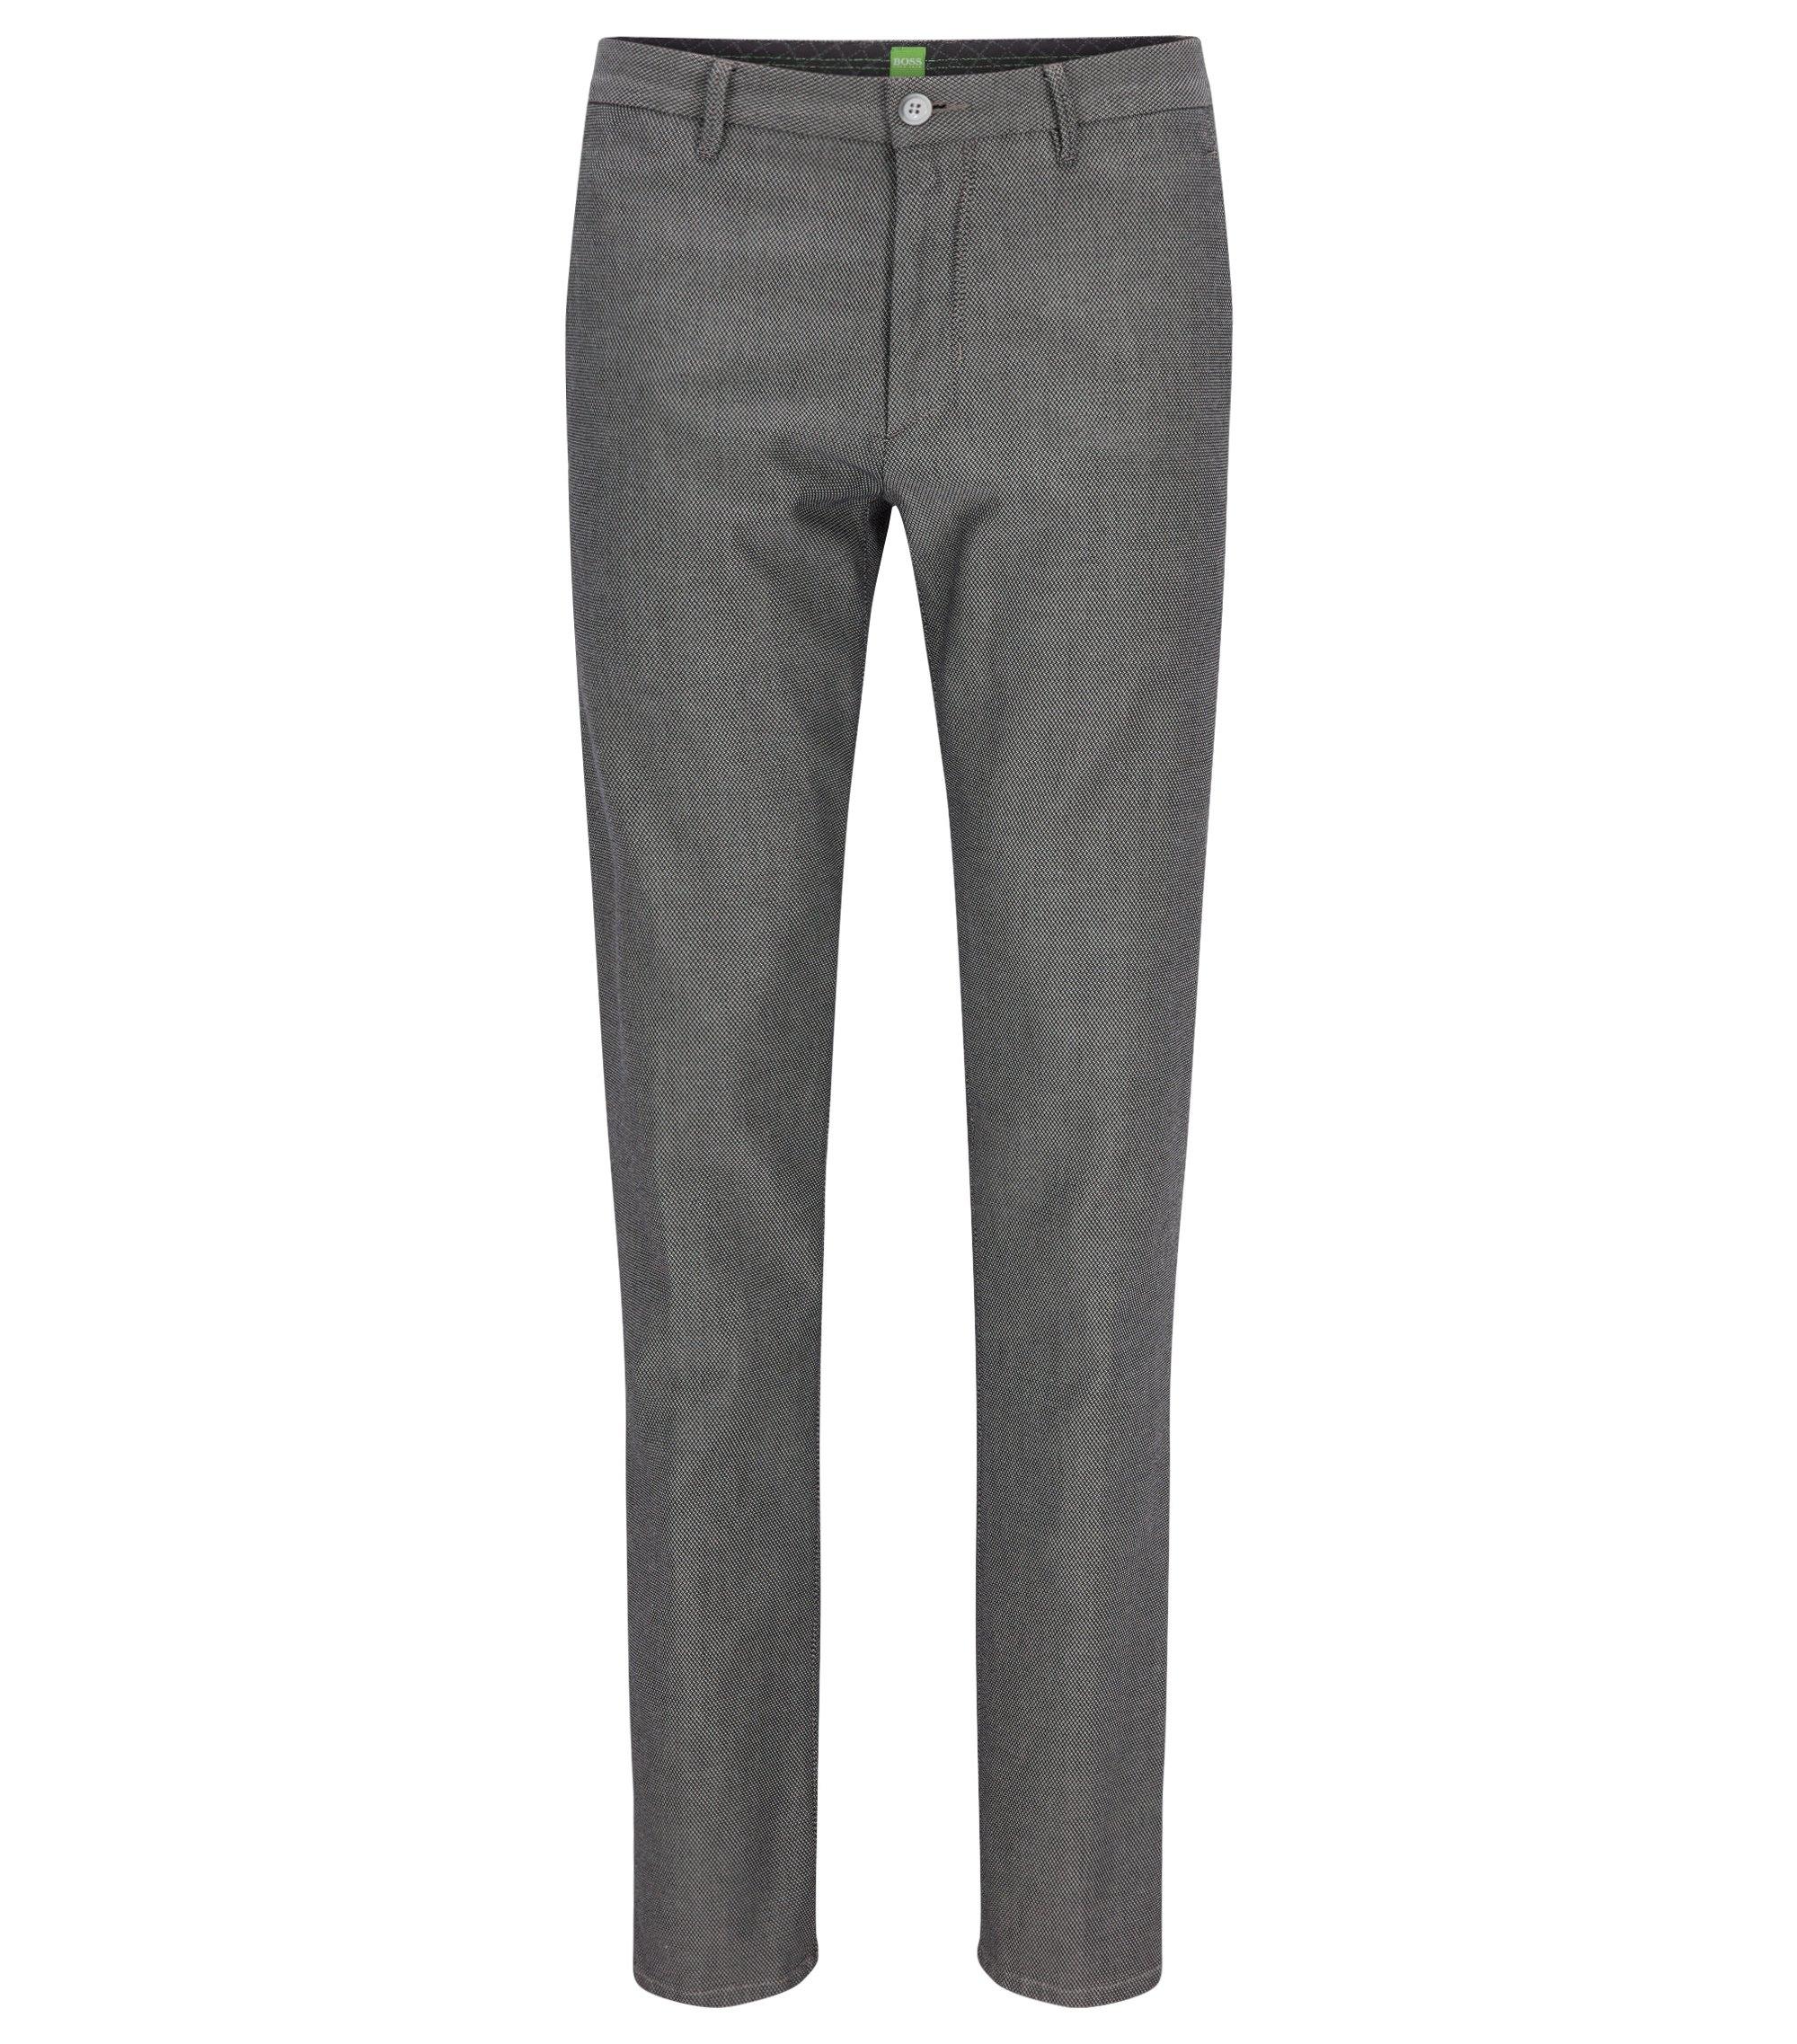 Pantalones slim fit en algodón elástico, Gris